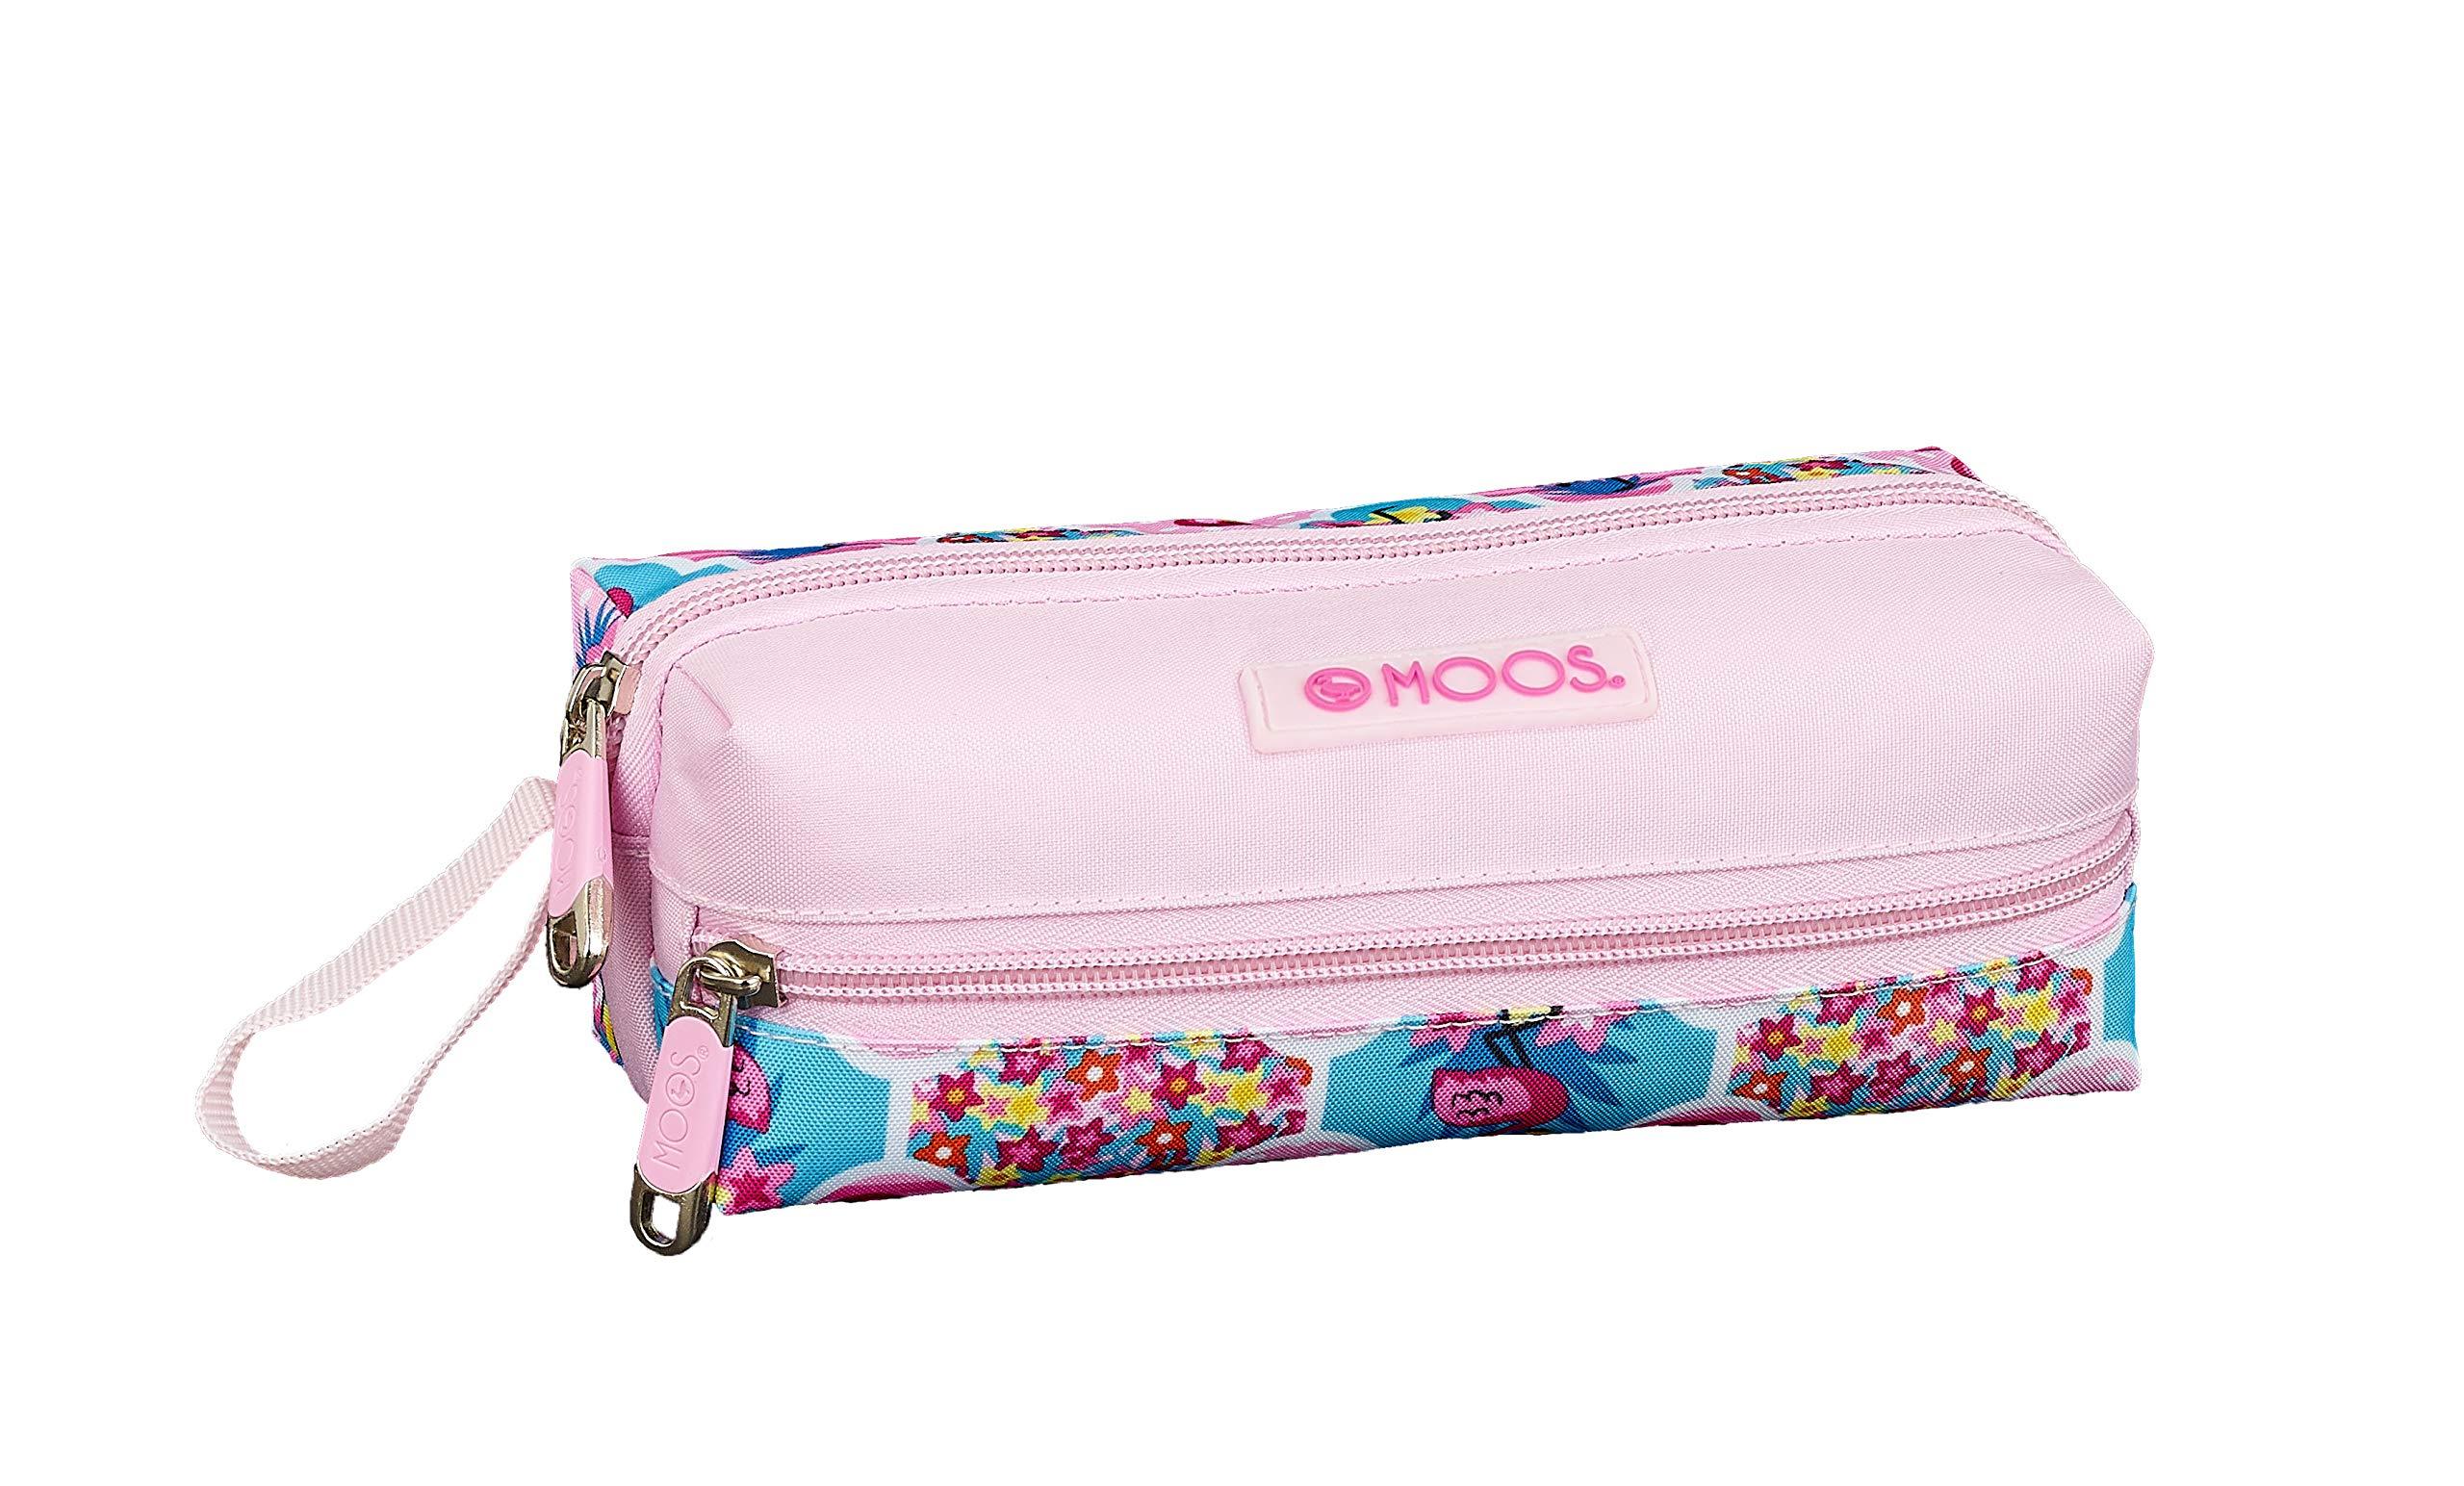 Moos Flamingo Pink Oficial Estuche Escolar 200x80x70mm: Amazon.es: Oficina y papelería